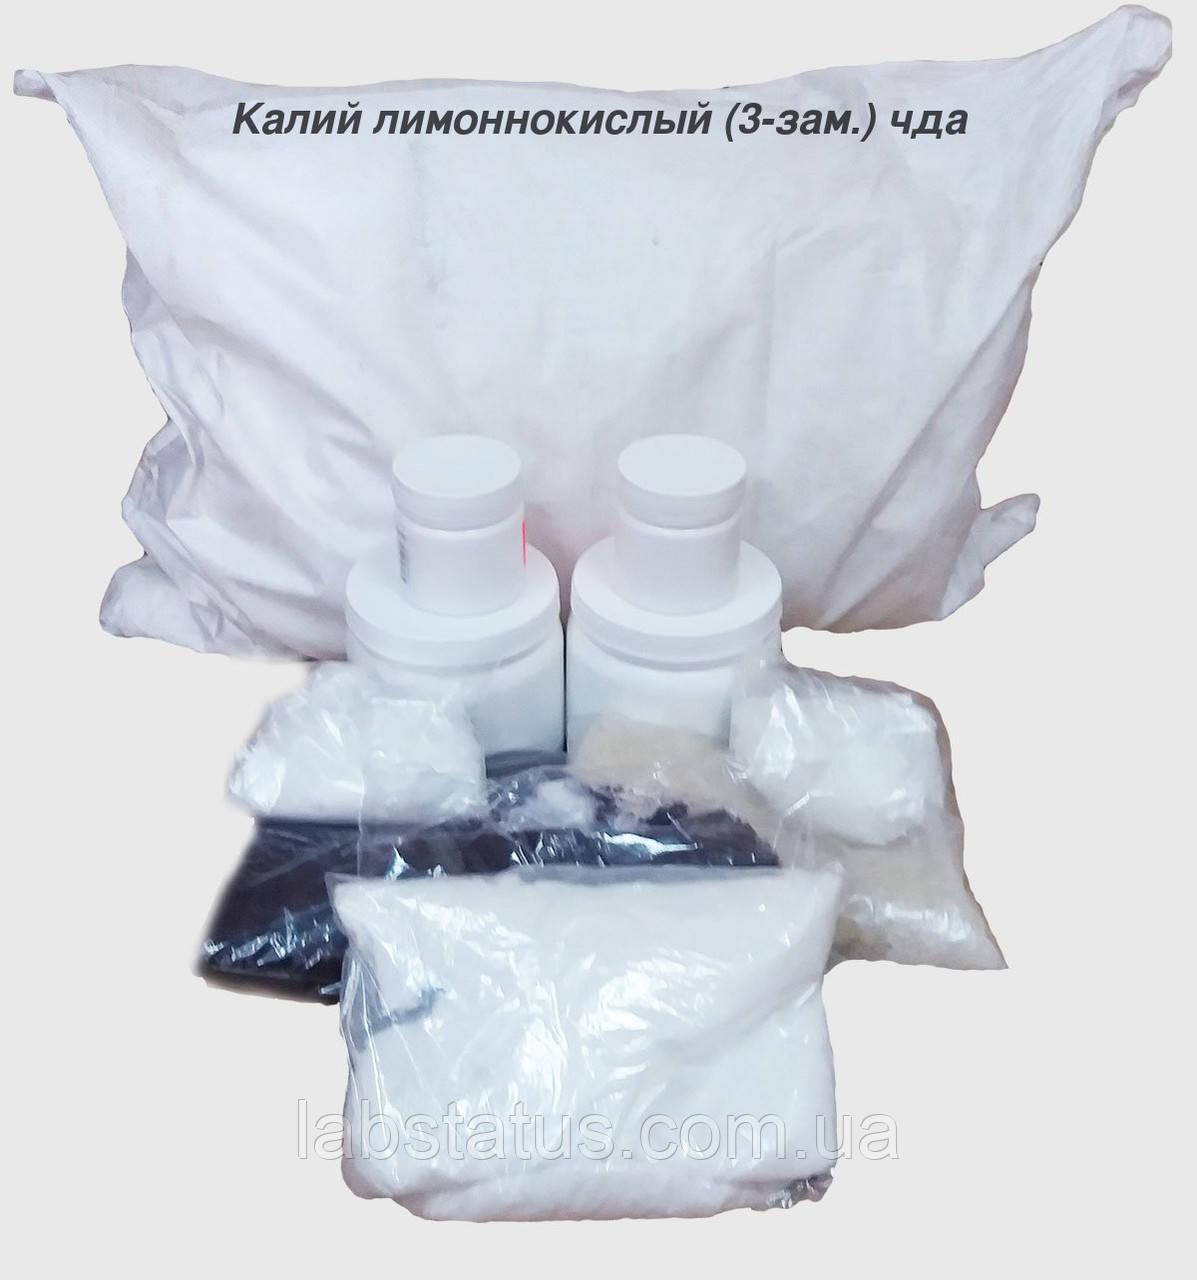 Калий лимоннокислый (3-зам.) чда